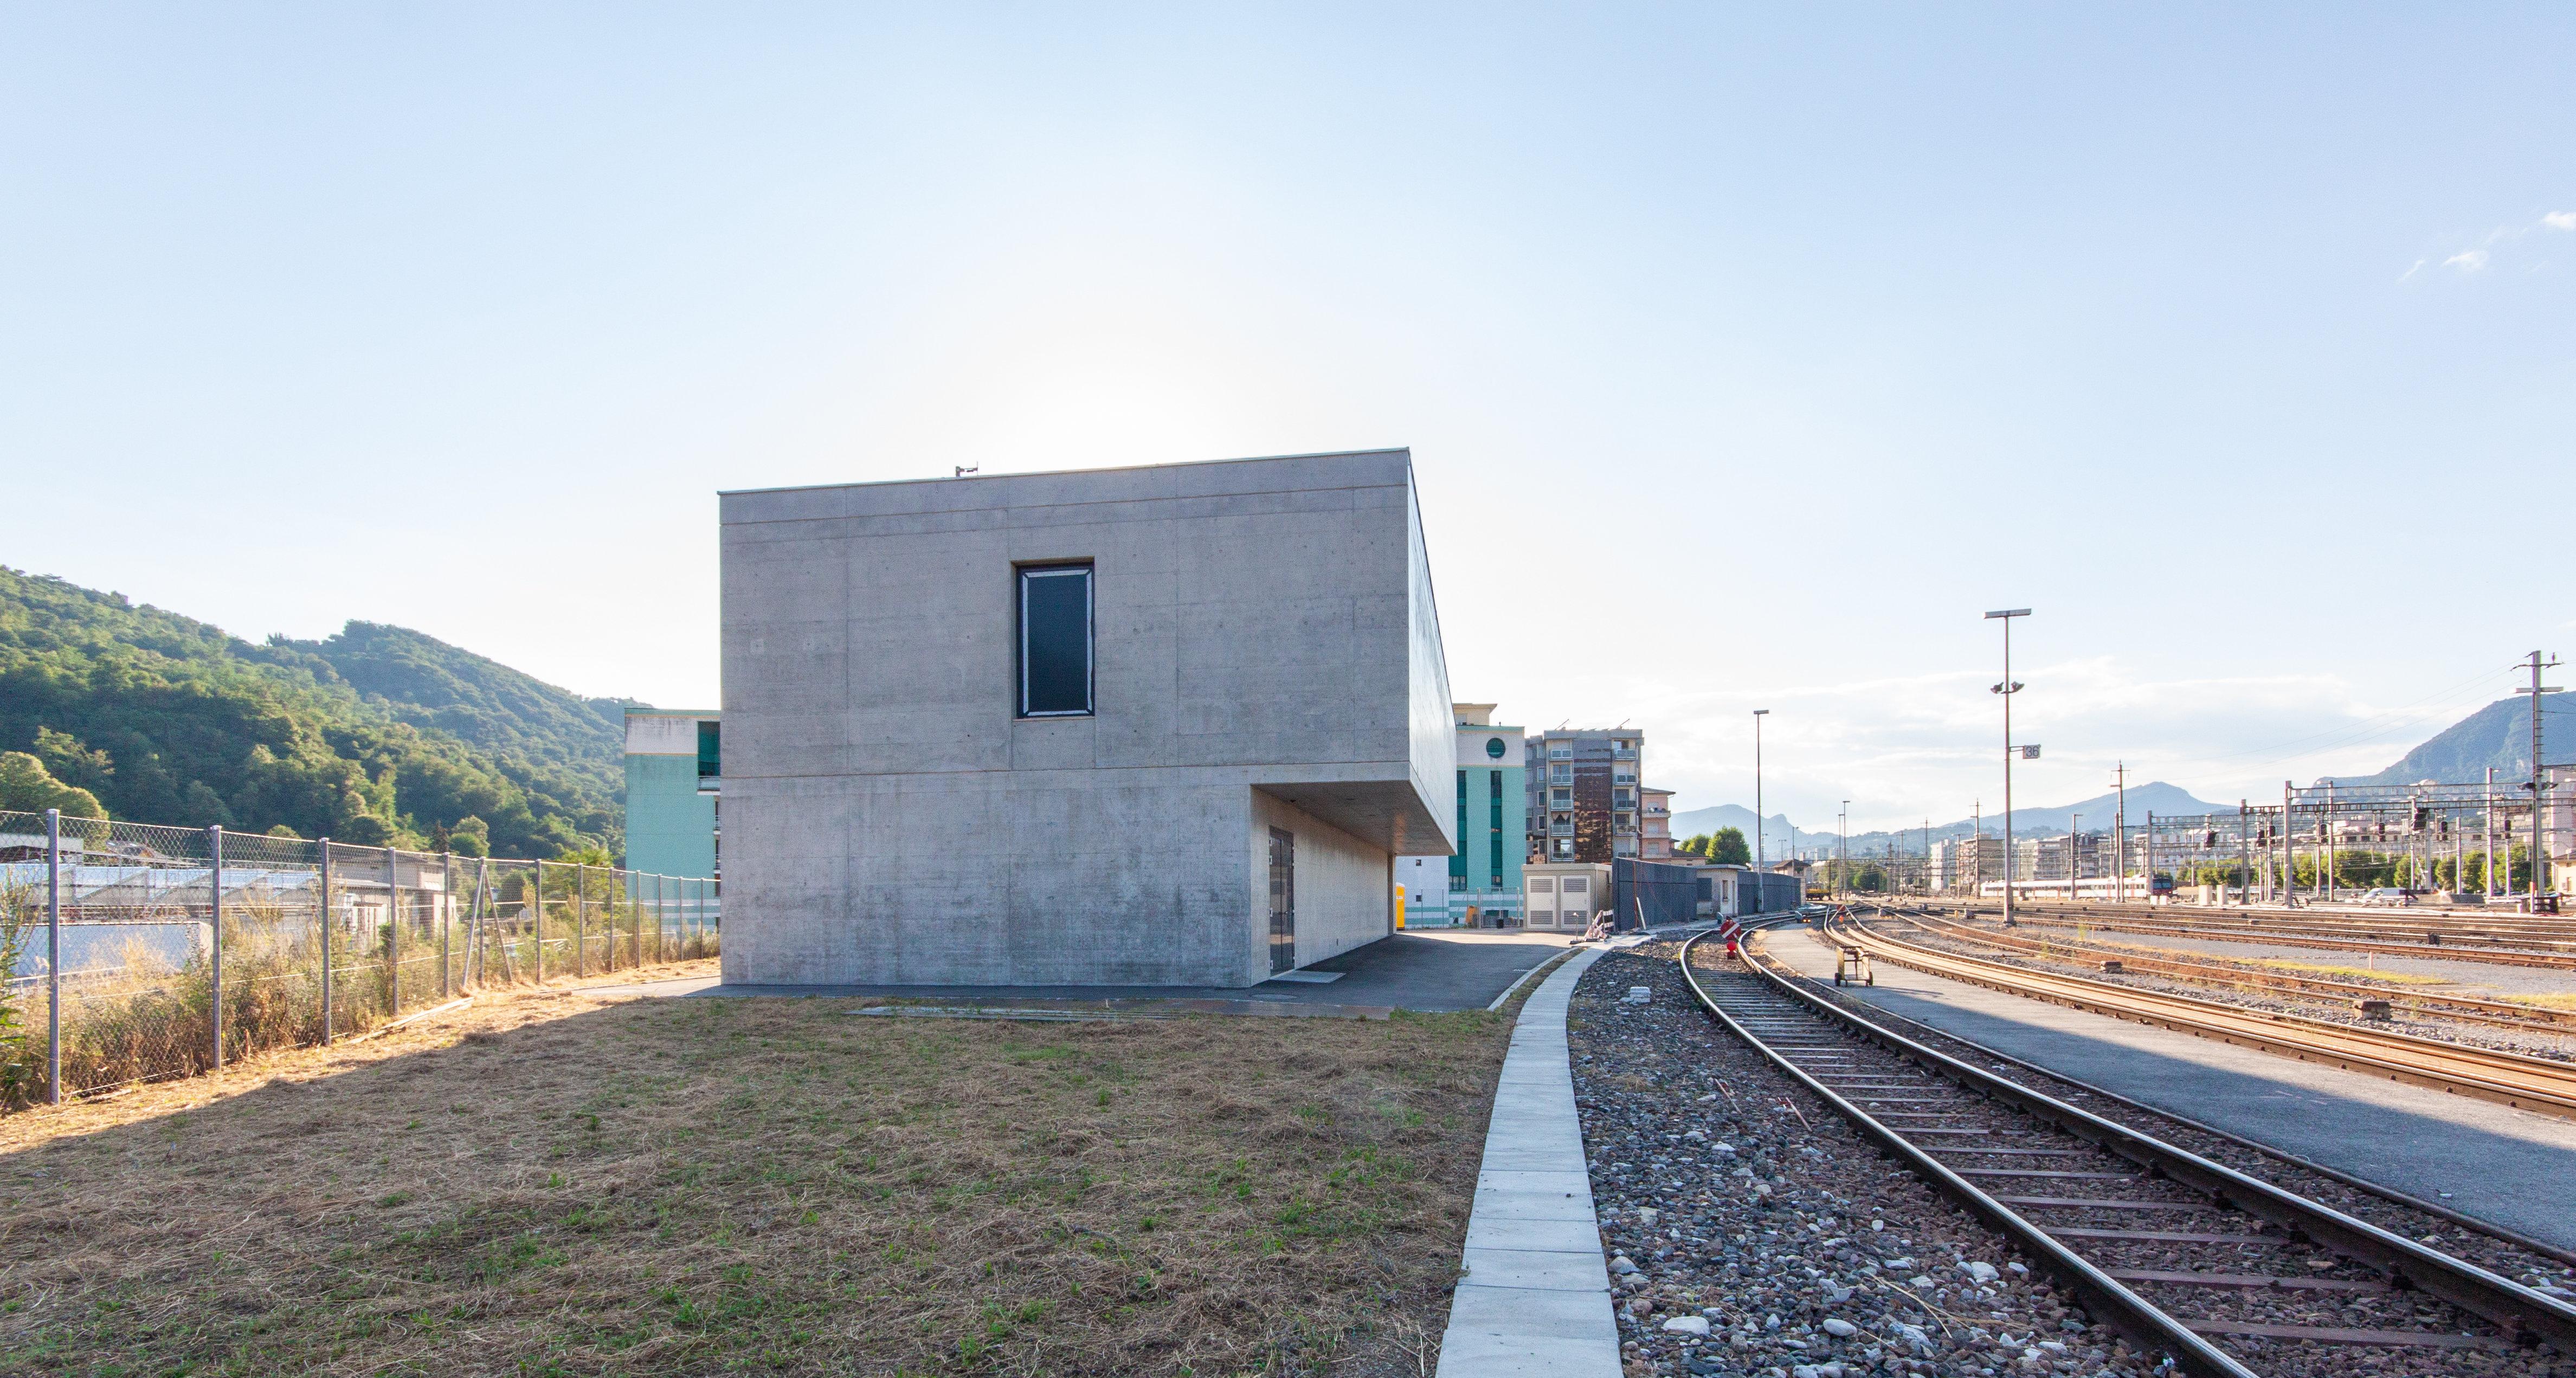 Bahntechnikgebäude 6830 Chiasso-0884